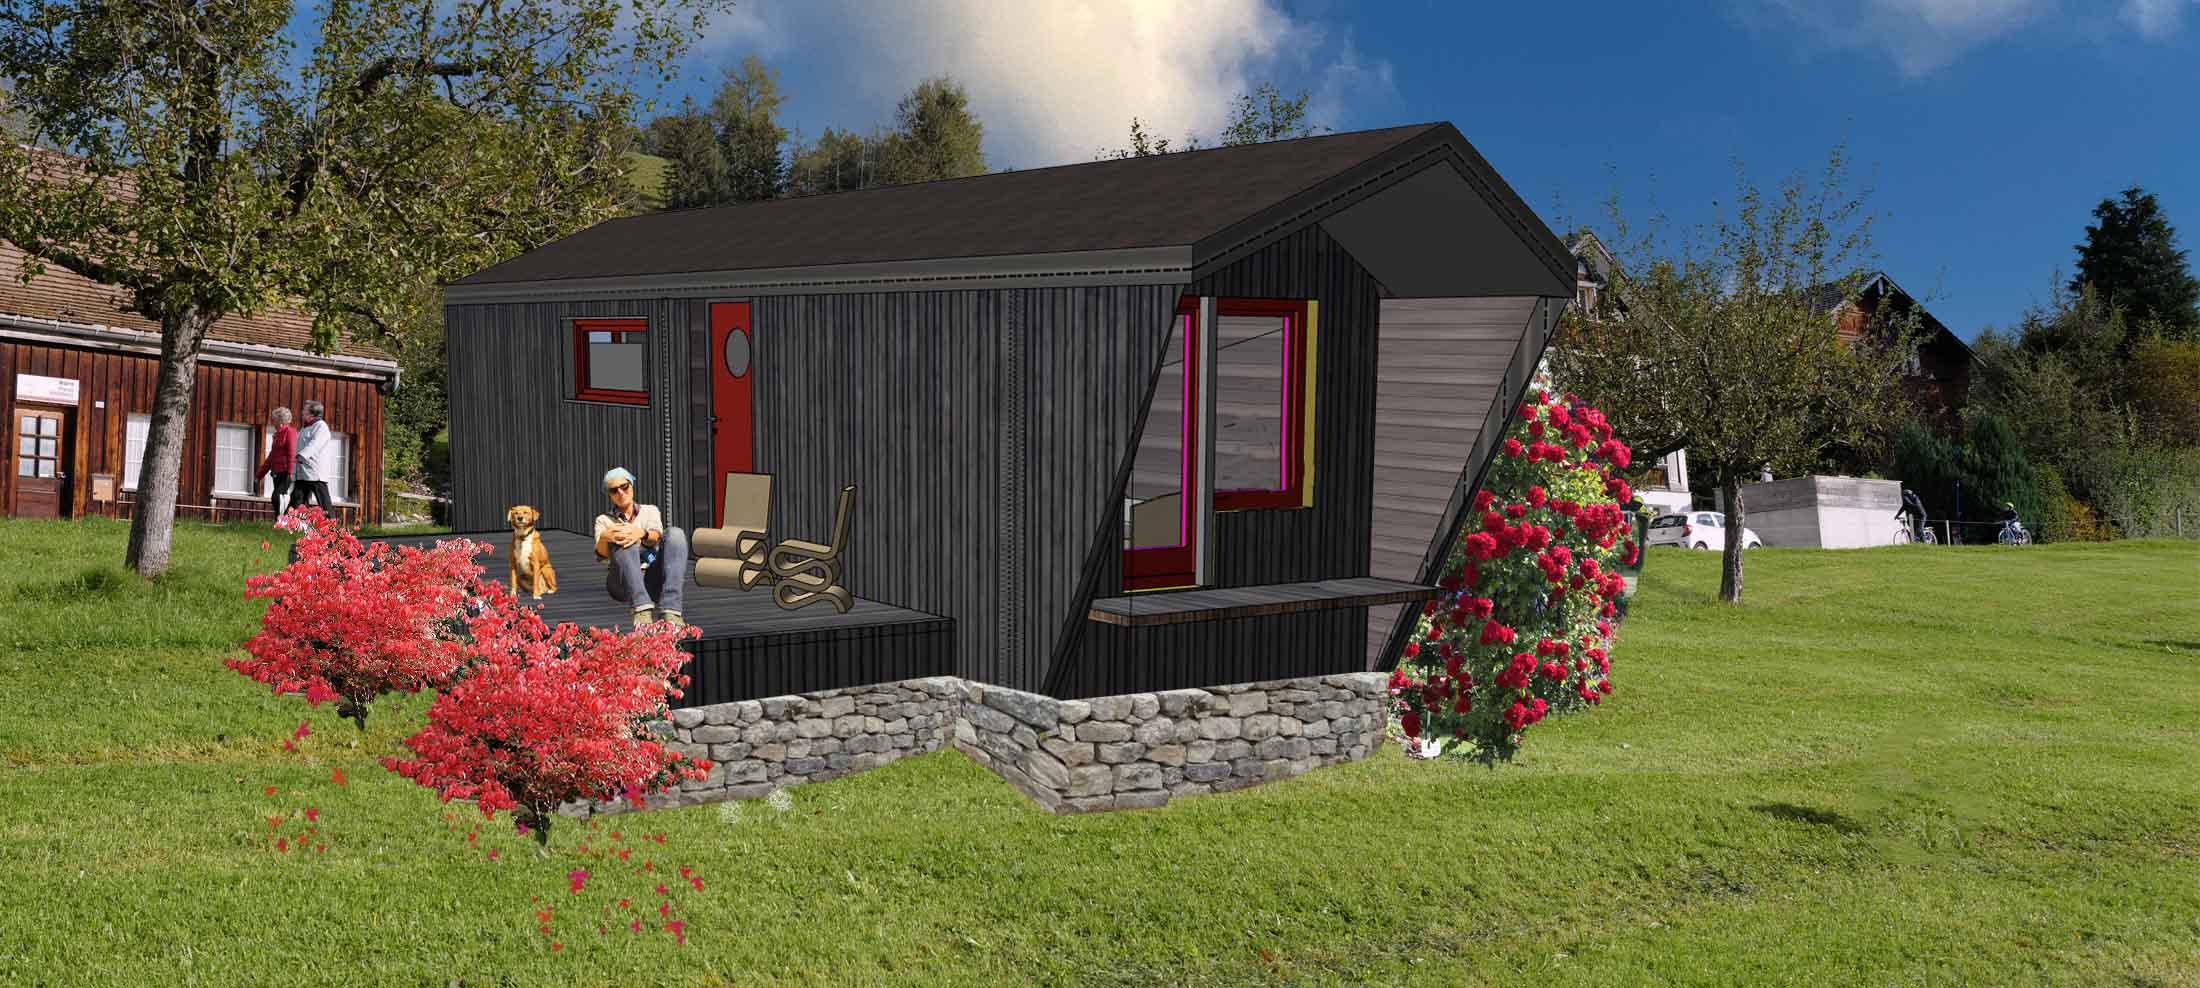 tiny-houses-das-tiny-house-wohne-fuer-visionaere